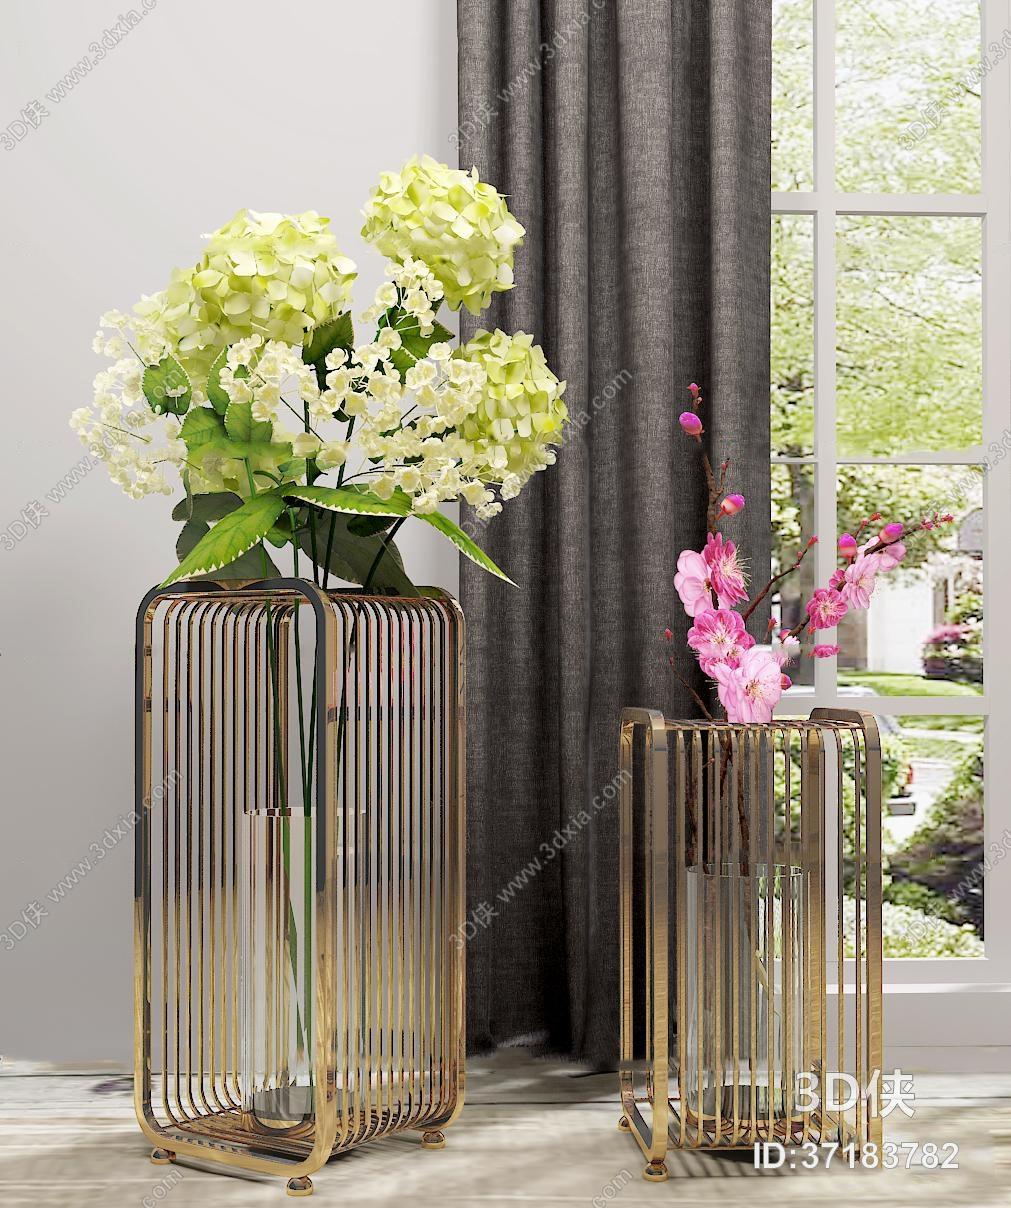 盆栽效果图素材免费下载,本作品主题是现代金属装置花艺组合3d模型,编